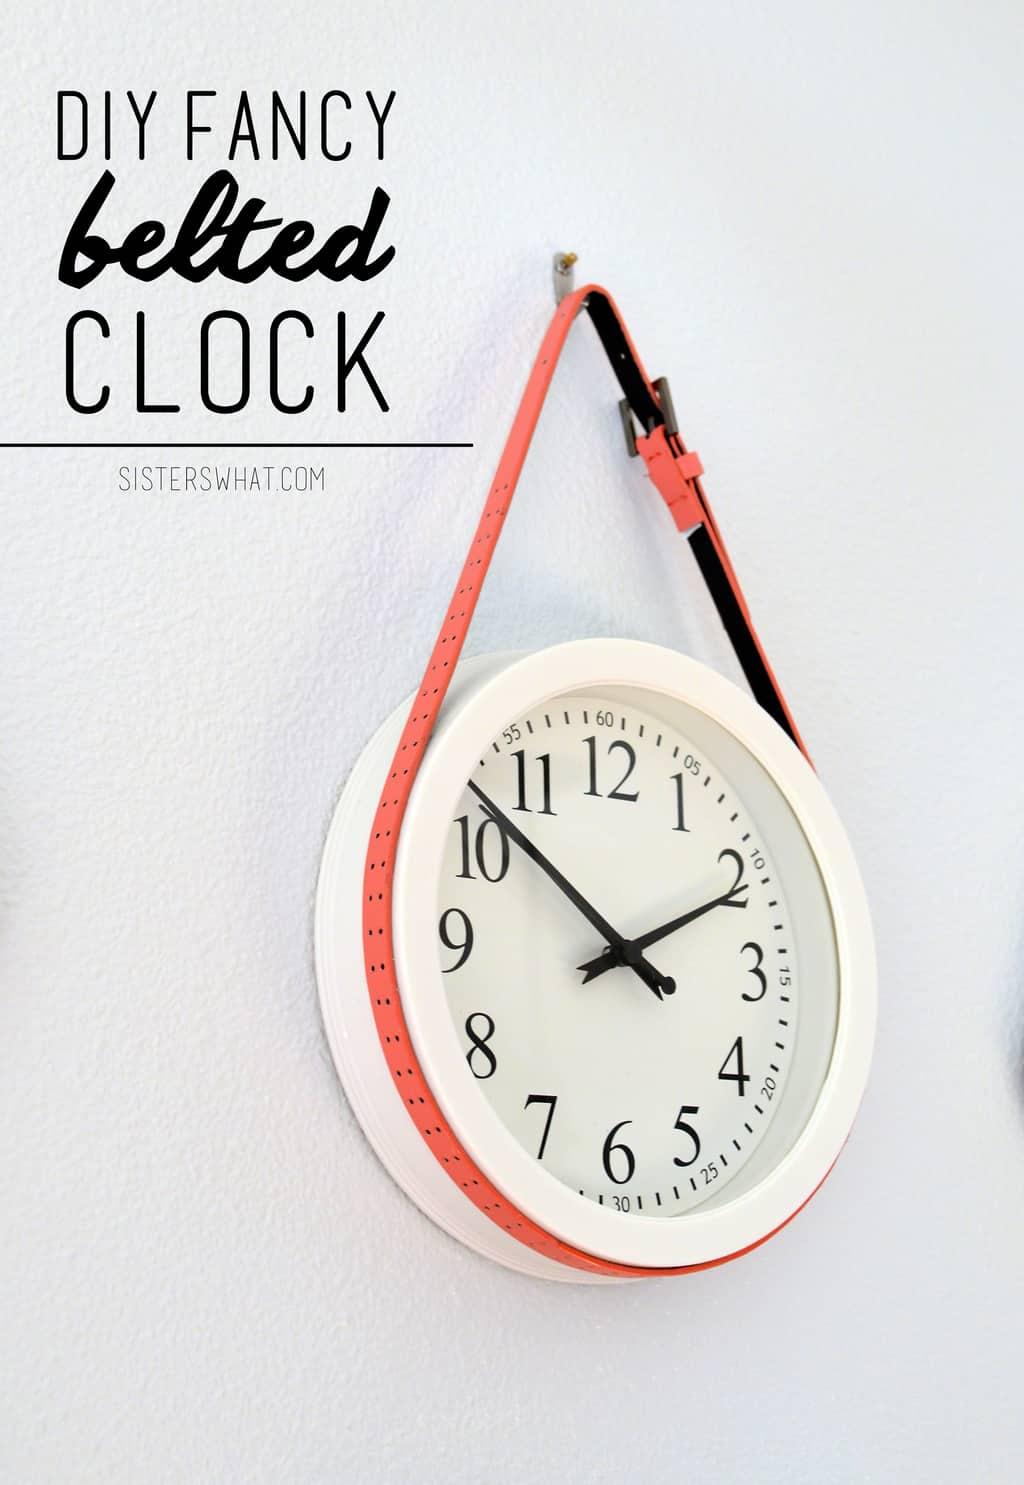 Diy Fancy Nails: DIY Fancy Belted Clock